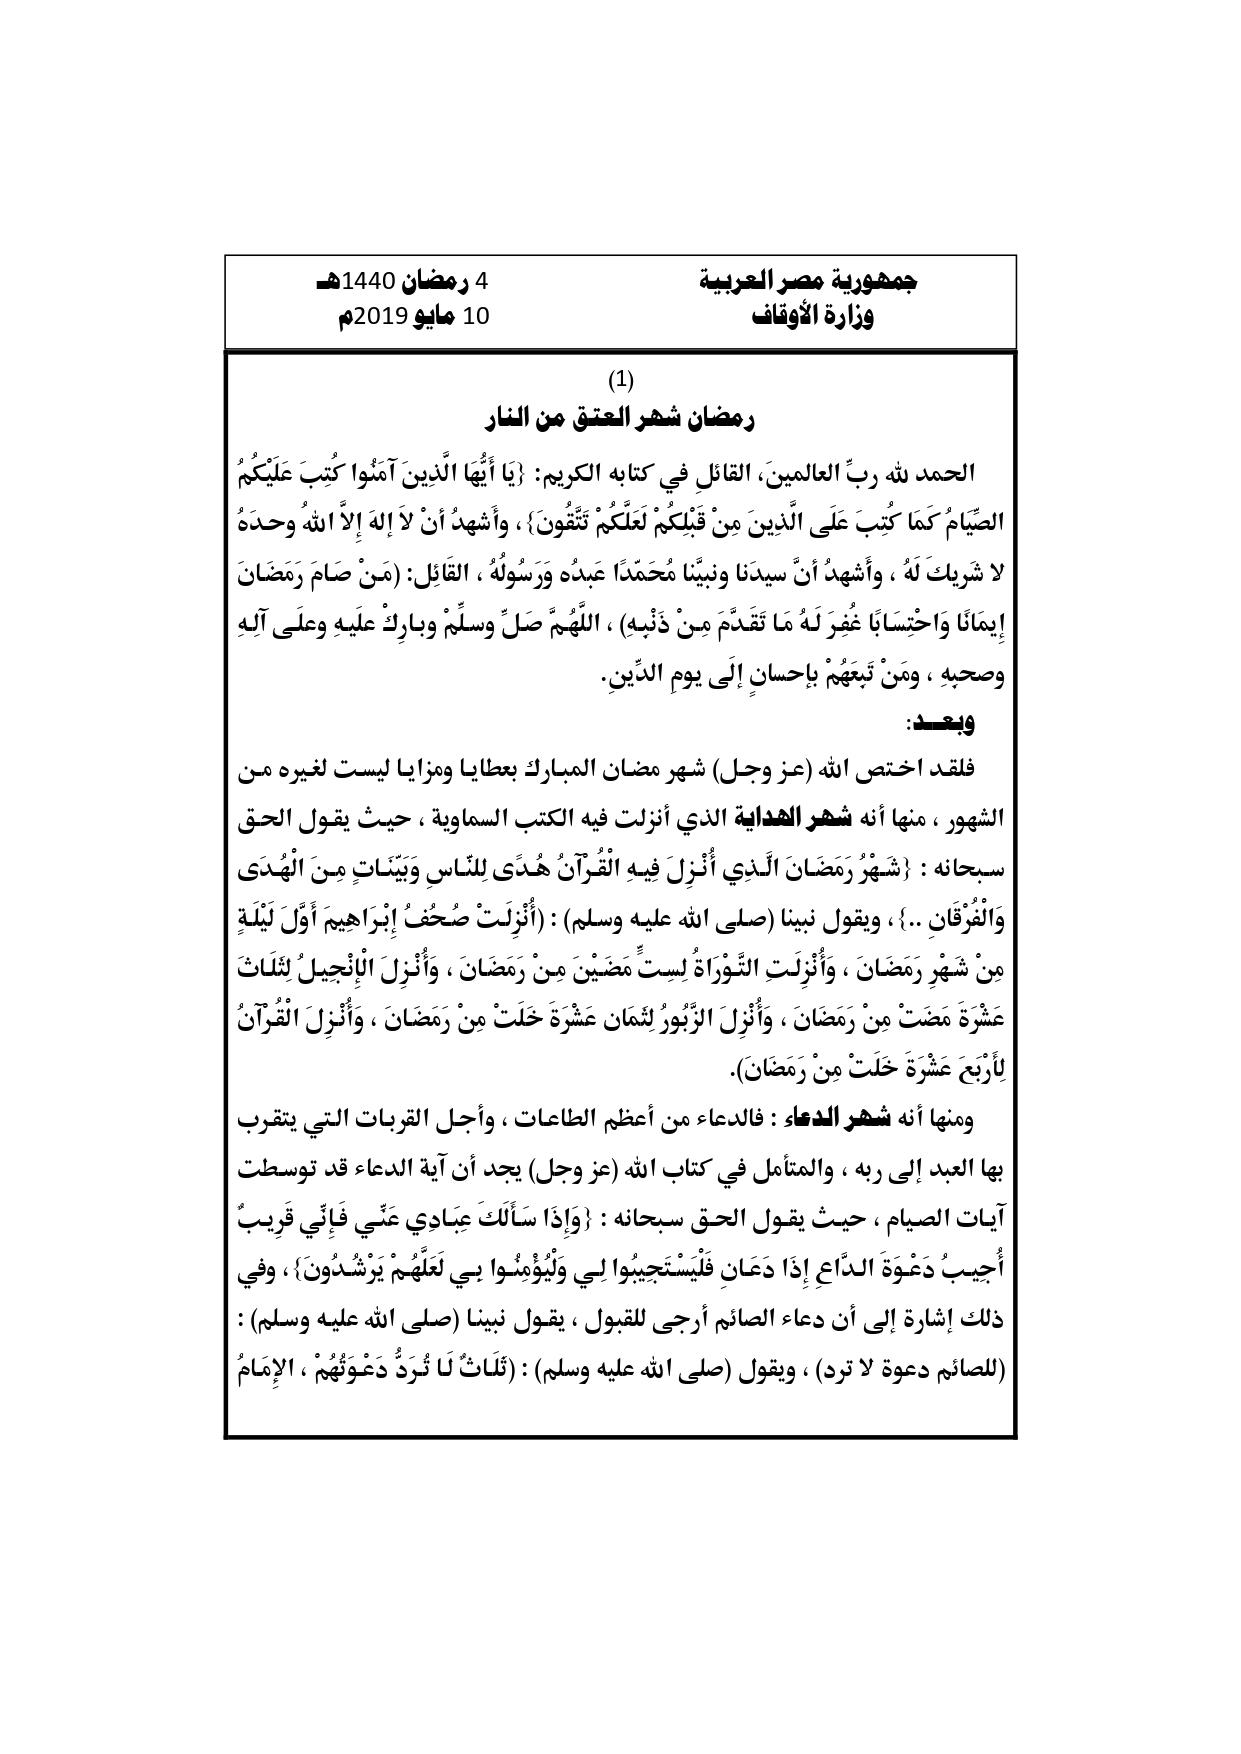 خطبة الجمعة القادمة Pdf بتاريخ 10 مايو رمضان شهر العتق من النار